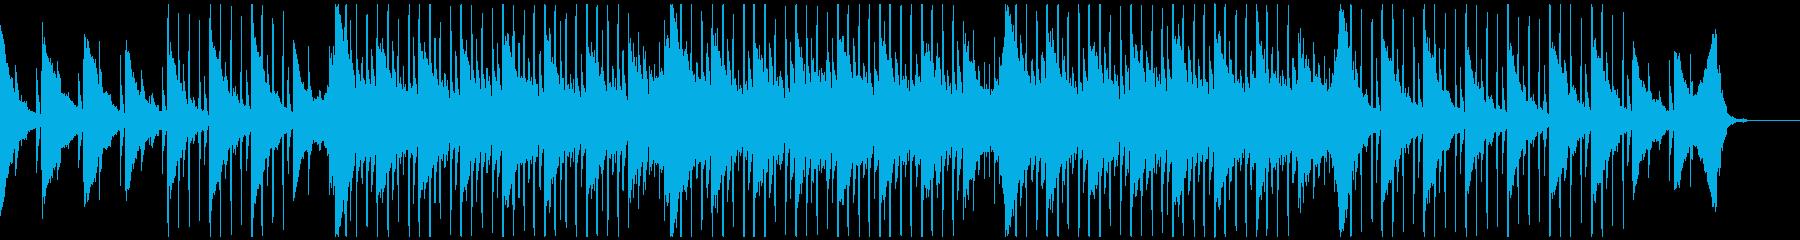 誠実な印象を与えるシンセ4つ打ちBGMの再生済みの波形